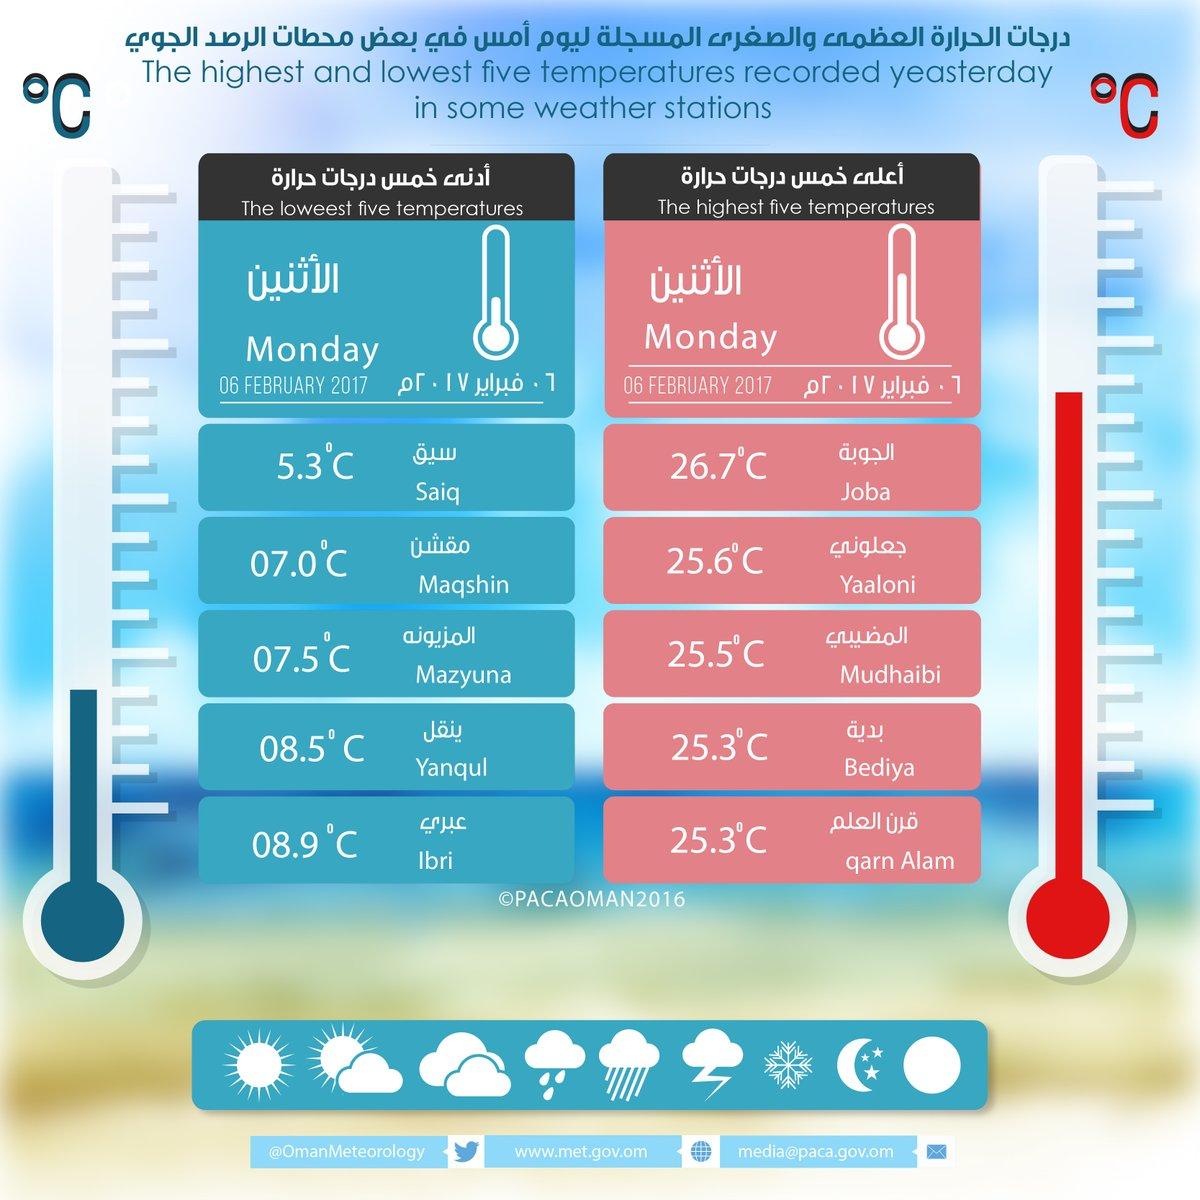 الأرصاد: درجات الحرارة المسجلة يوم أمس الاثنين أقلها 5 درجات بالجبل الأخضر